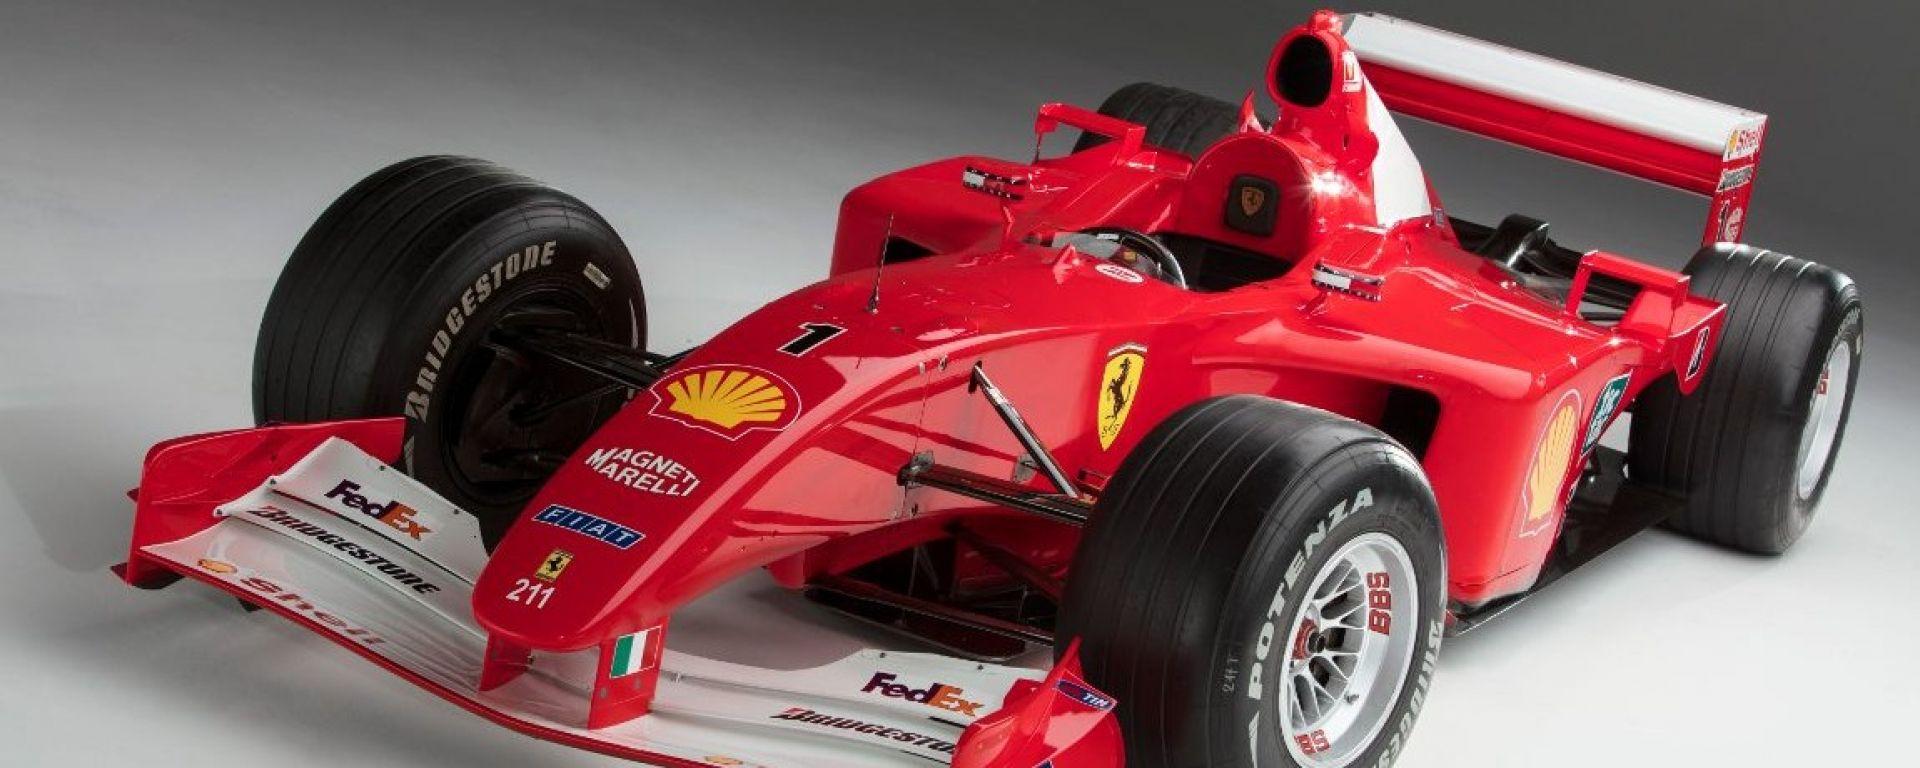 Ferrari F2001 di Michael Schumacher